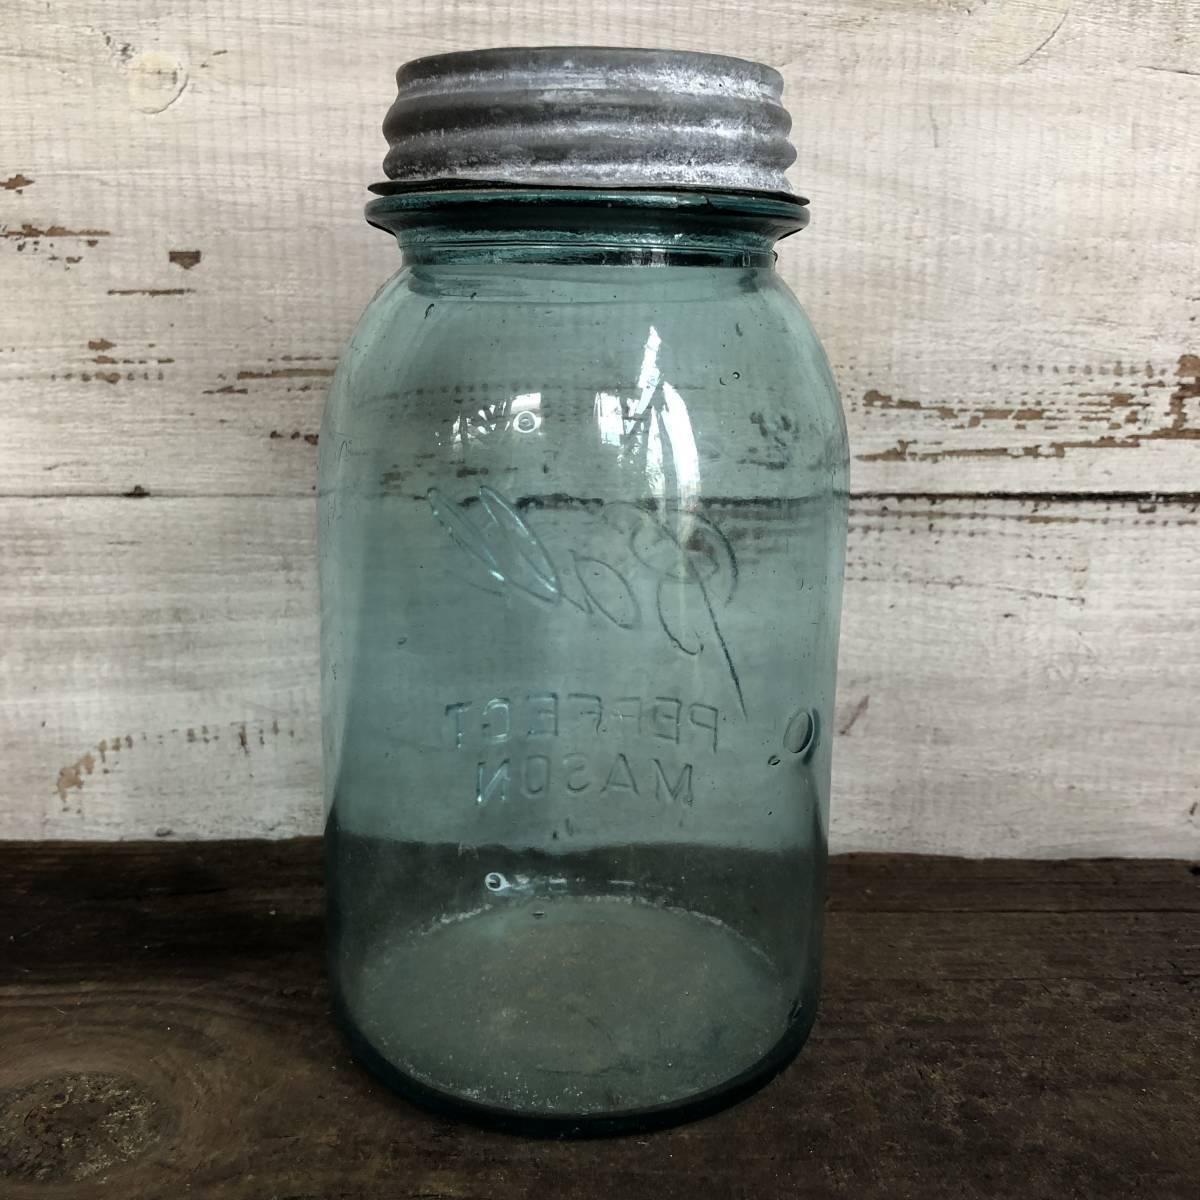 即決⑤ 1930's ball 17.5cm ヴィンテージ メイソンジャー ガラス瓶 キッチン カフェ ガーデニング ジャンク シャビー 雑貨 小物 収納_画像3